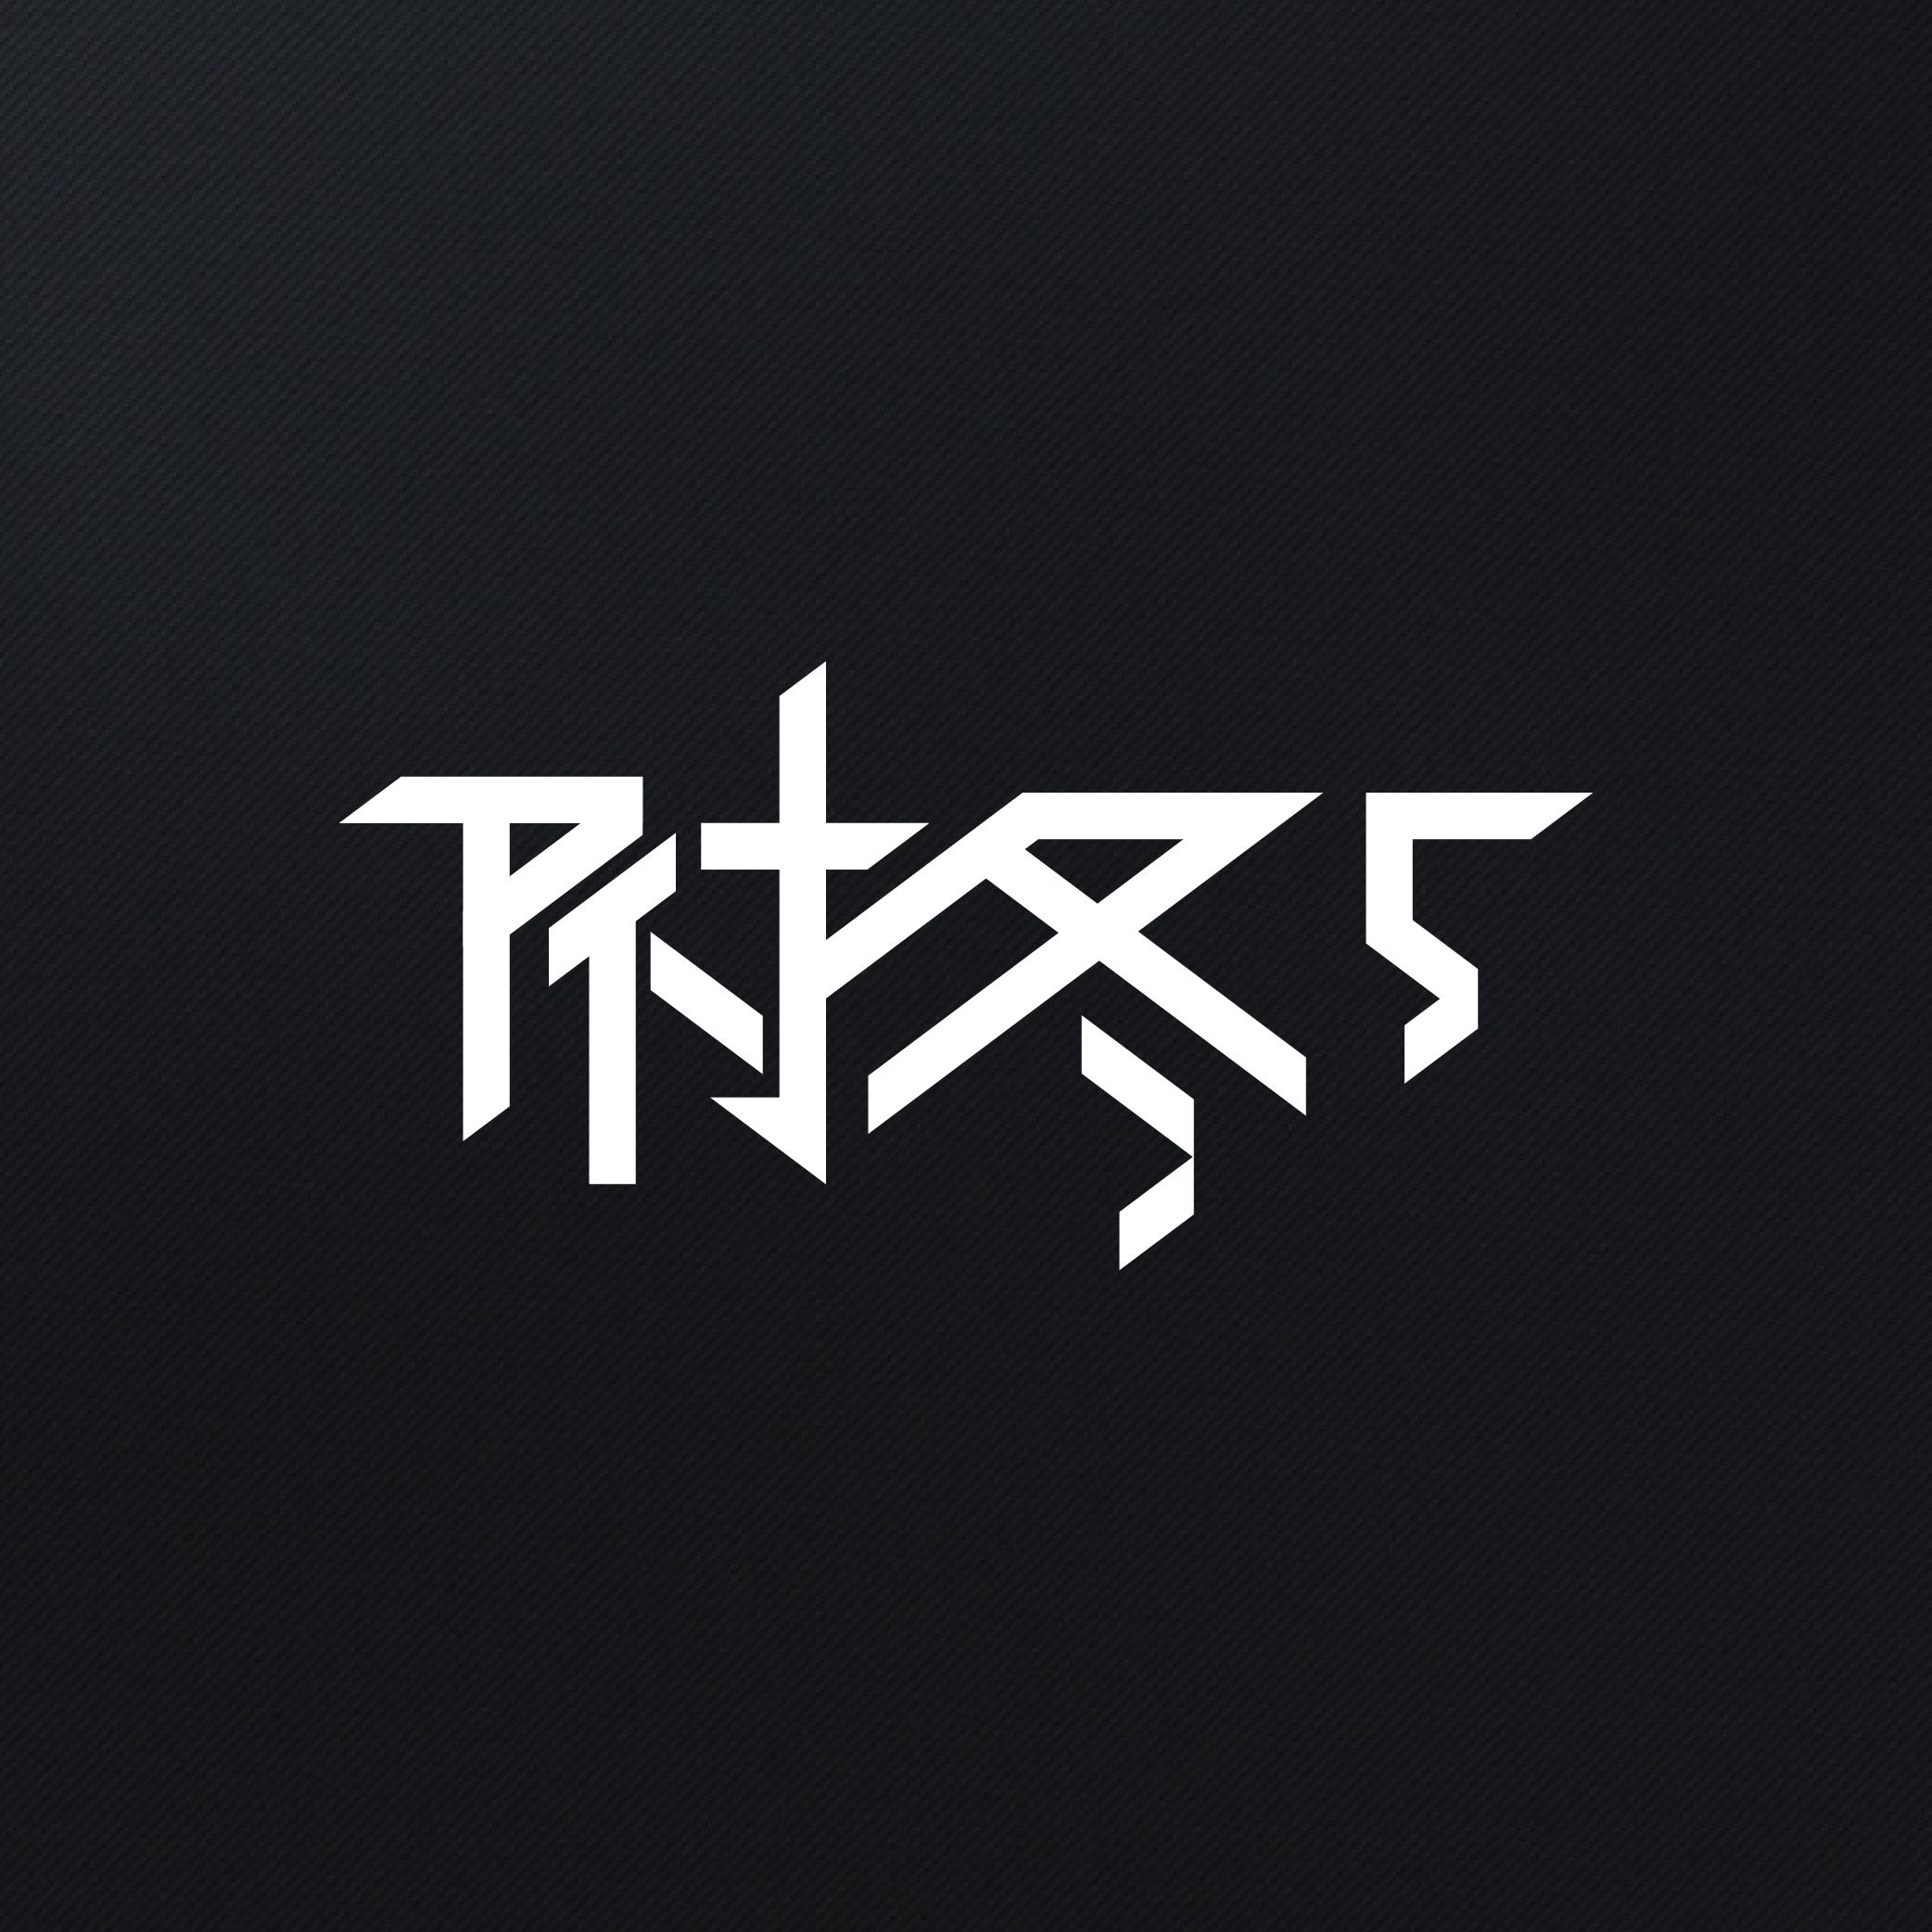 Typo_p-12.png